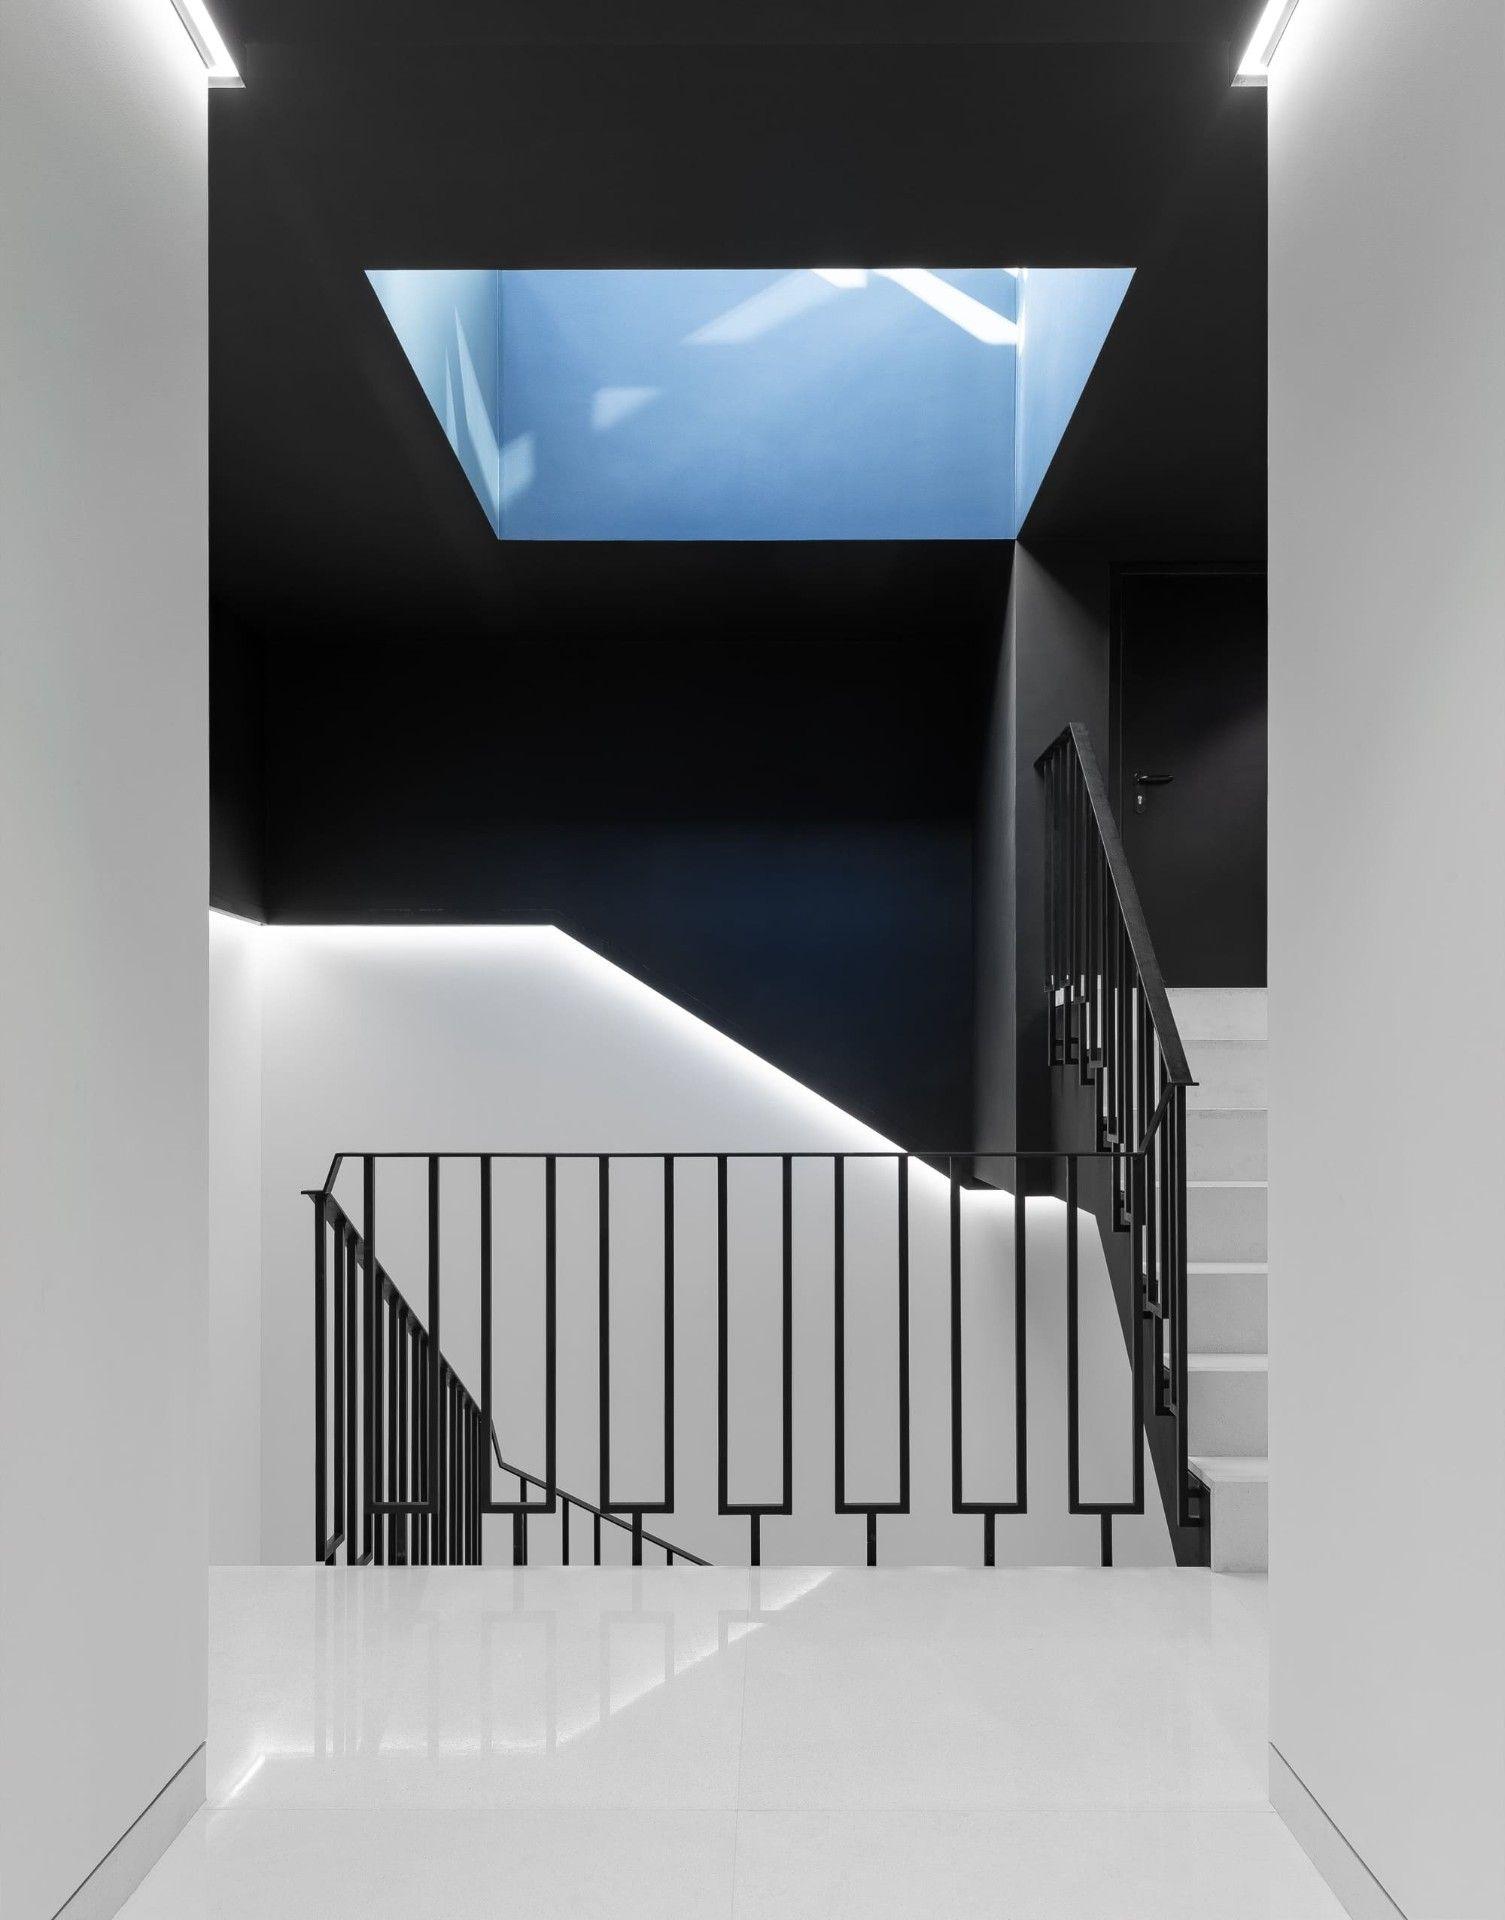 купить квартиру в ЖК Nabokov (Набоков)